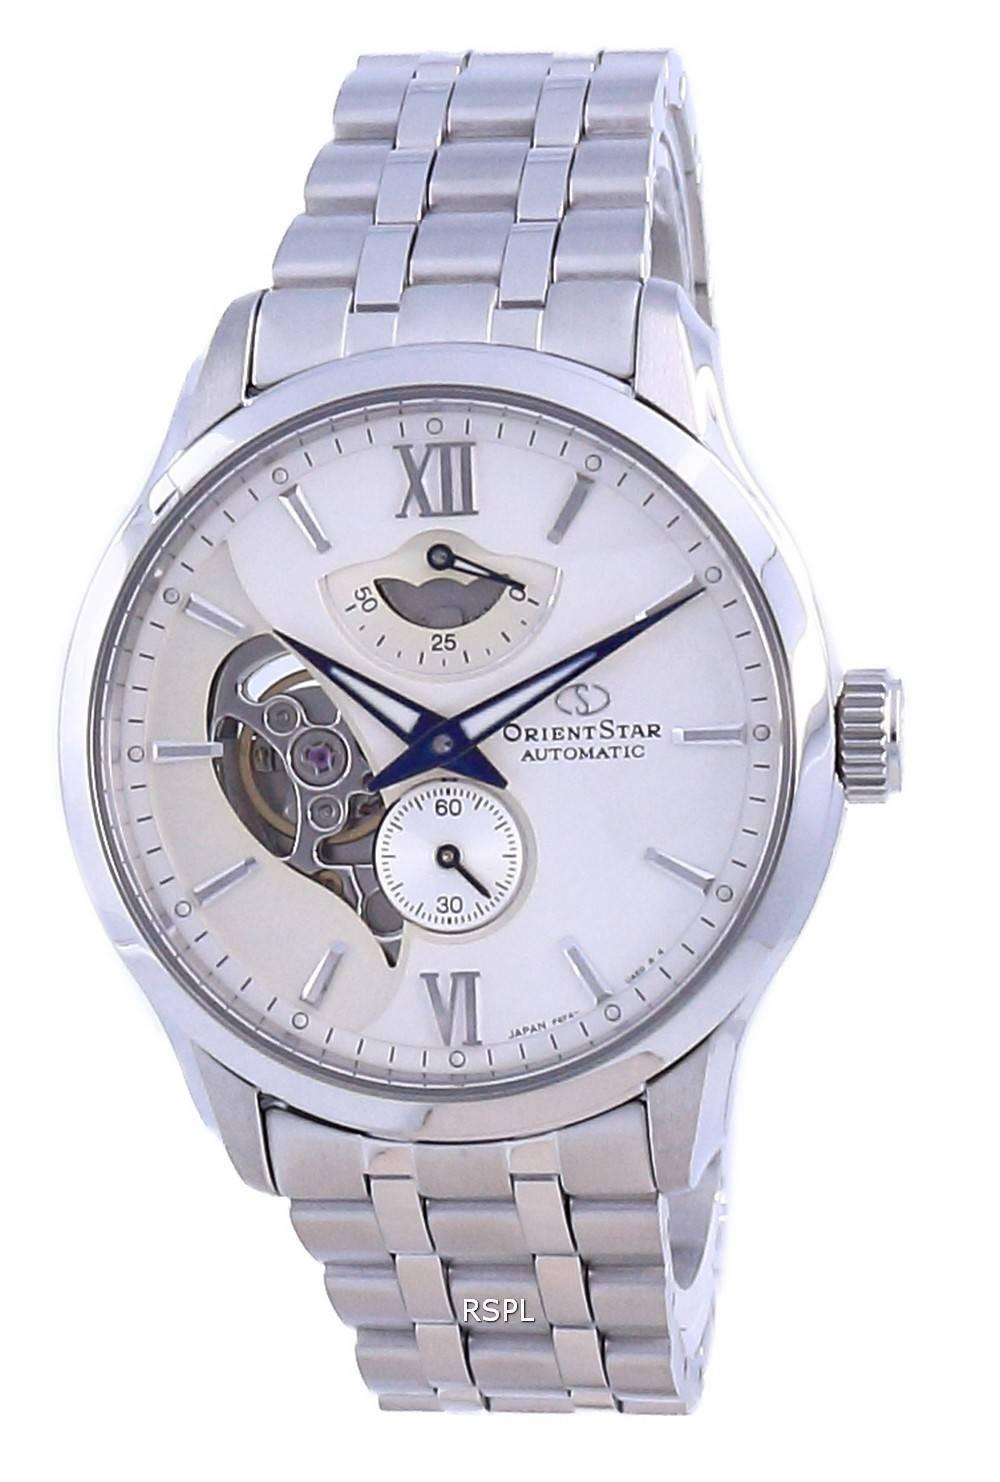 Orient Star Contemporary avoin sydän automaattinen RE-AV0B01S00B 100M naisten kello